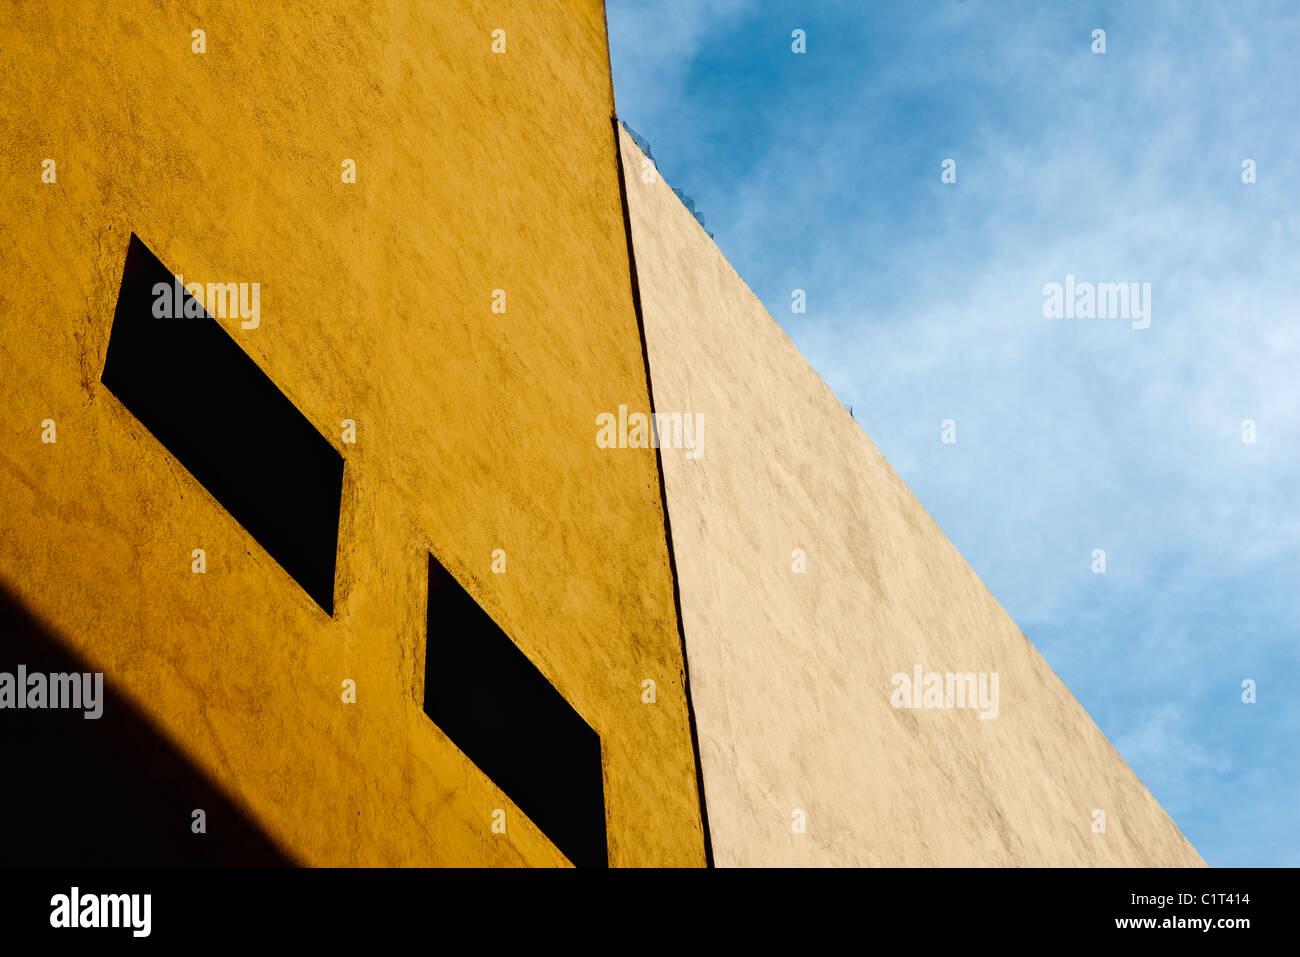 Fachada do prédio, cortado Imagens de Stock